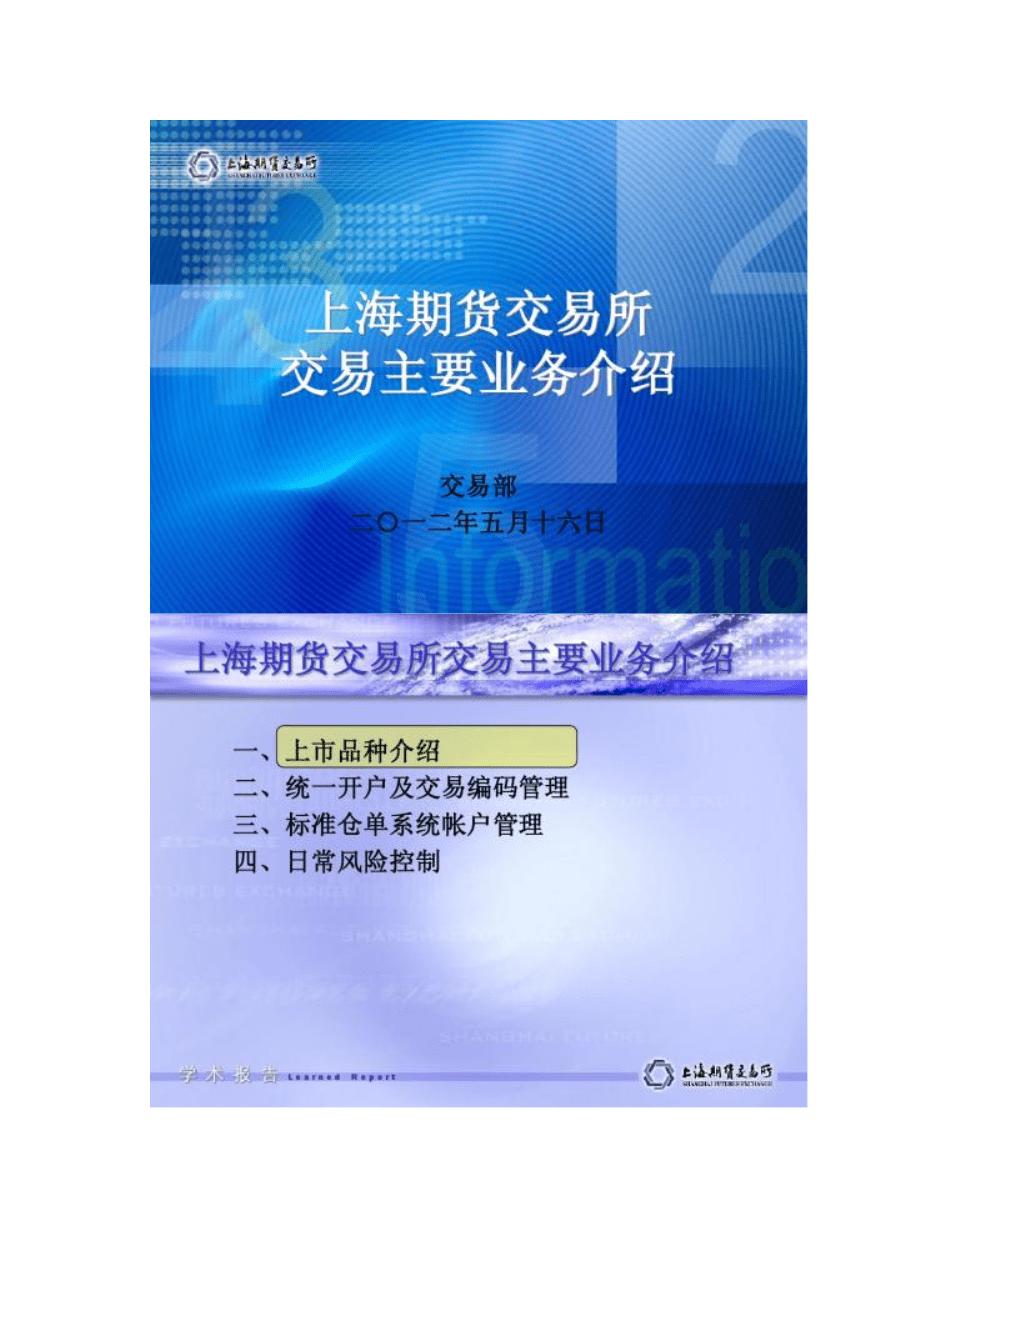 【图文】交易部业务知识培训讲义.doc